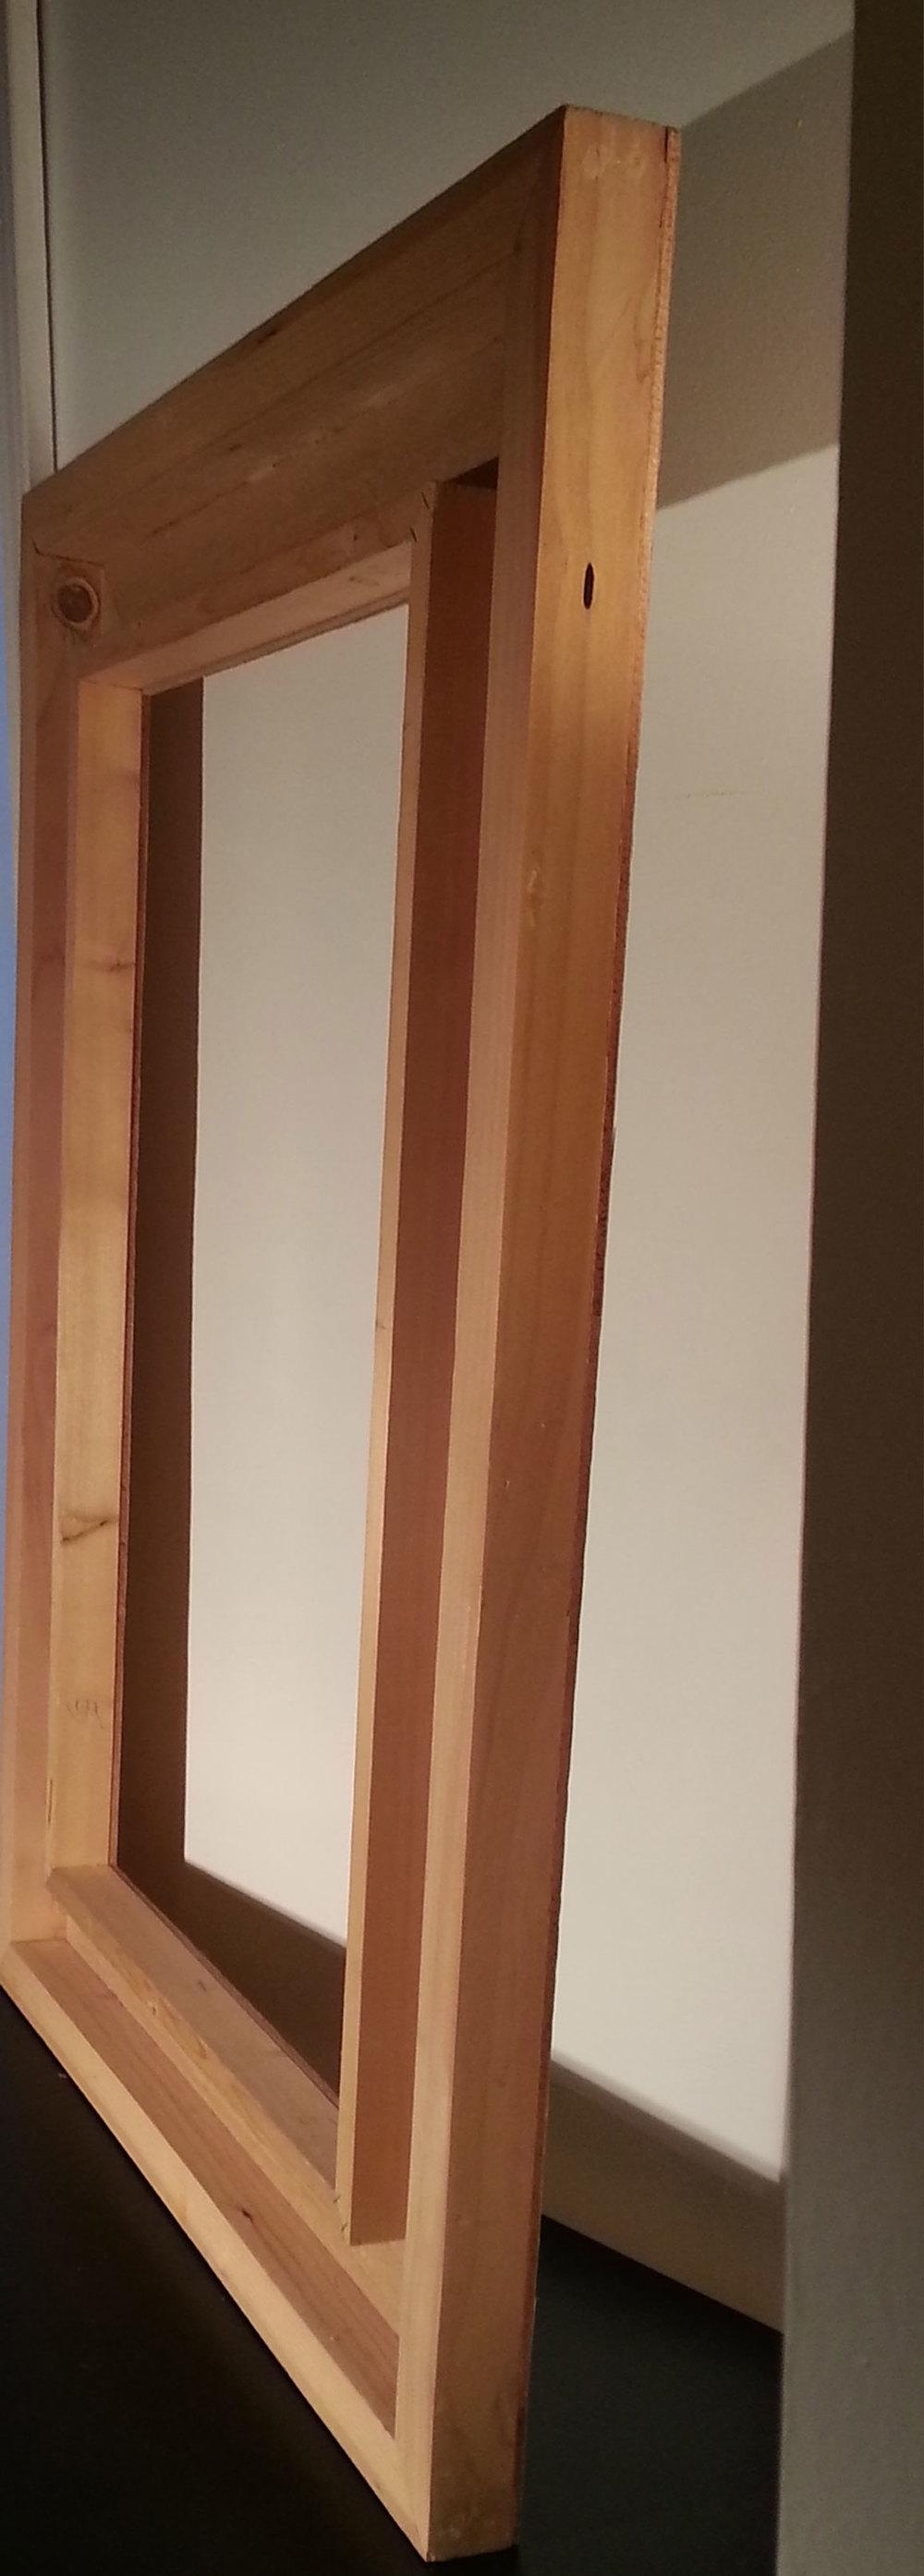 Frame-Coralina-Cataldi-Tass.jpg